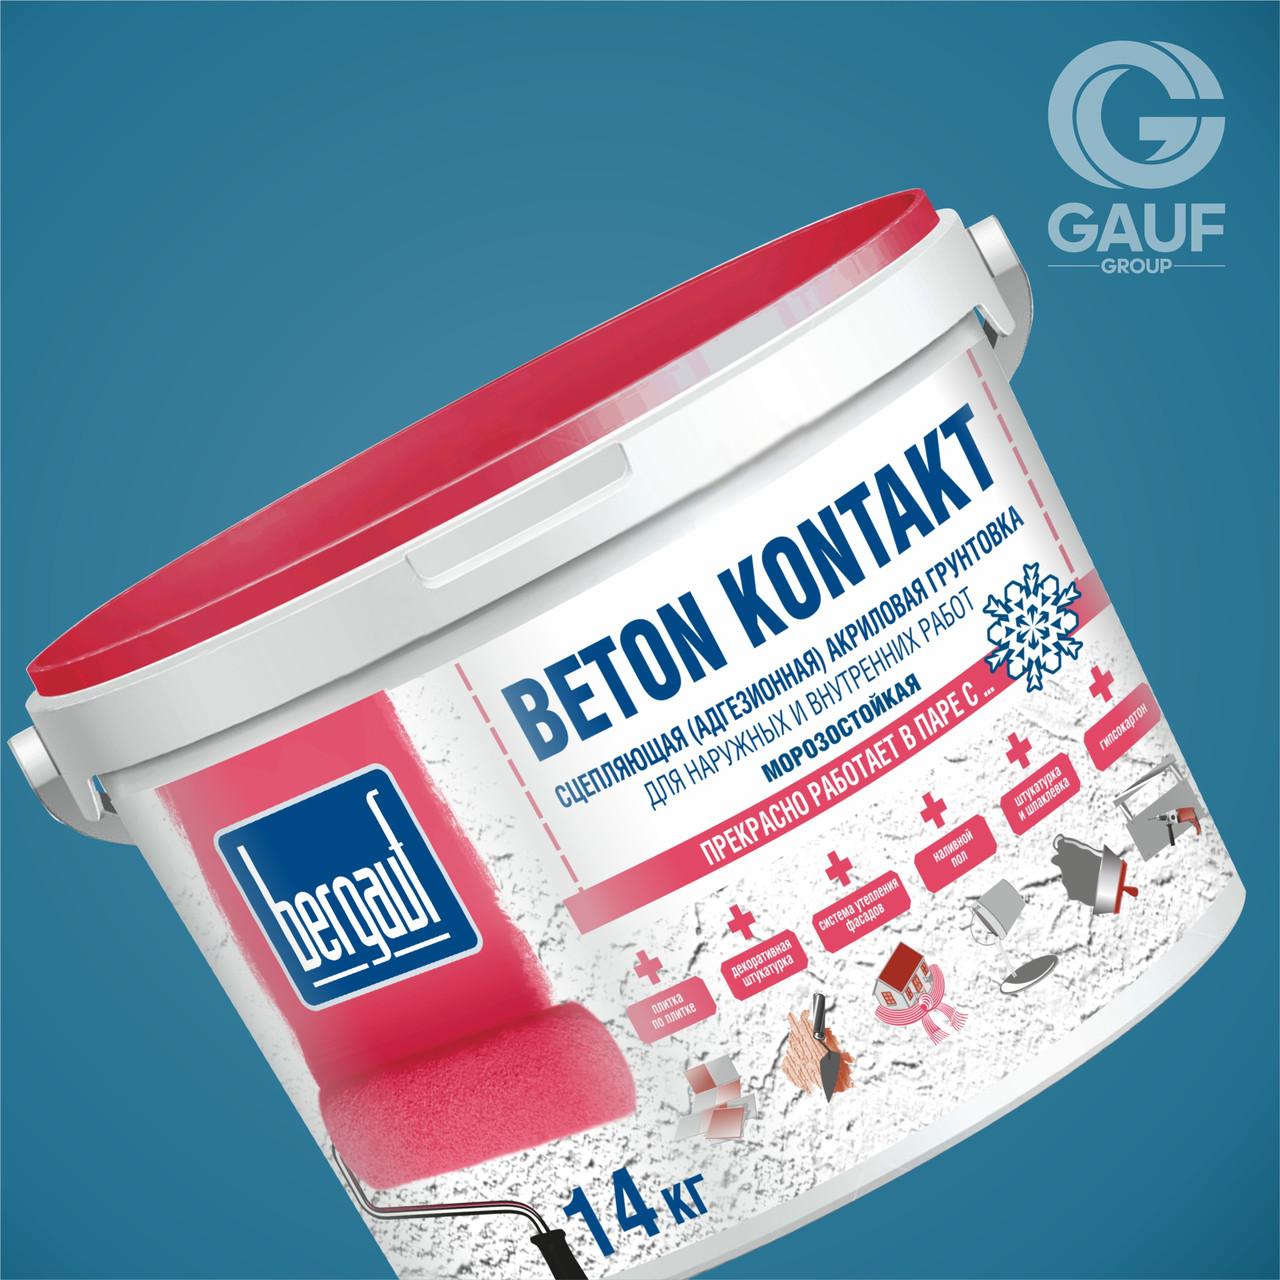 BETON KONTAKT, Сцепляющая (адгезионная) акриловая грунтовка, 14 кг  Летняя версия